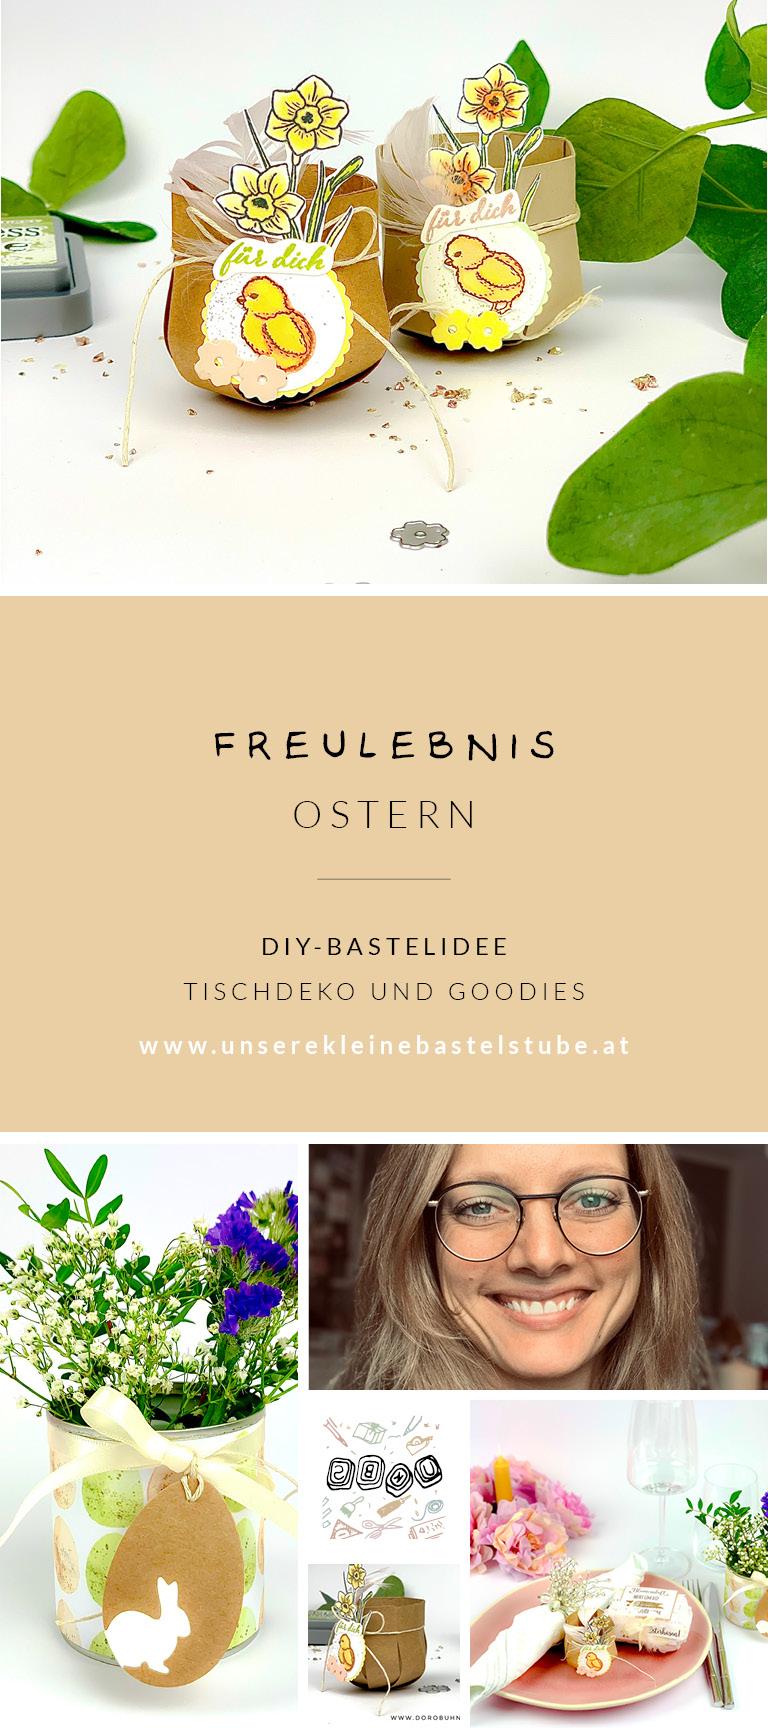 ukbs_pinterest_OSTERN-tischdeko-und-goodie-inkl. fotojpg